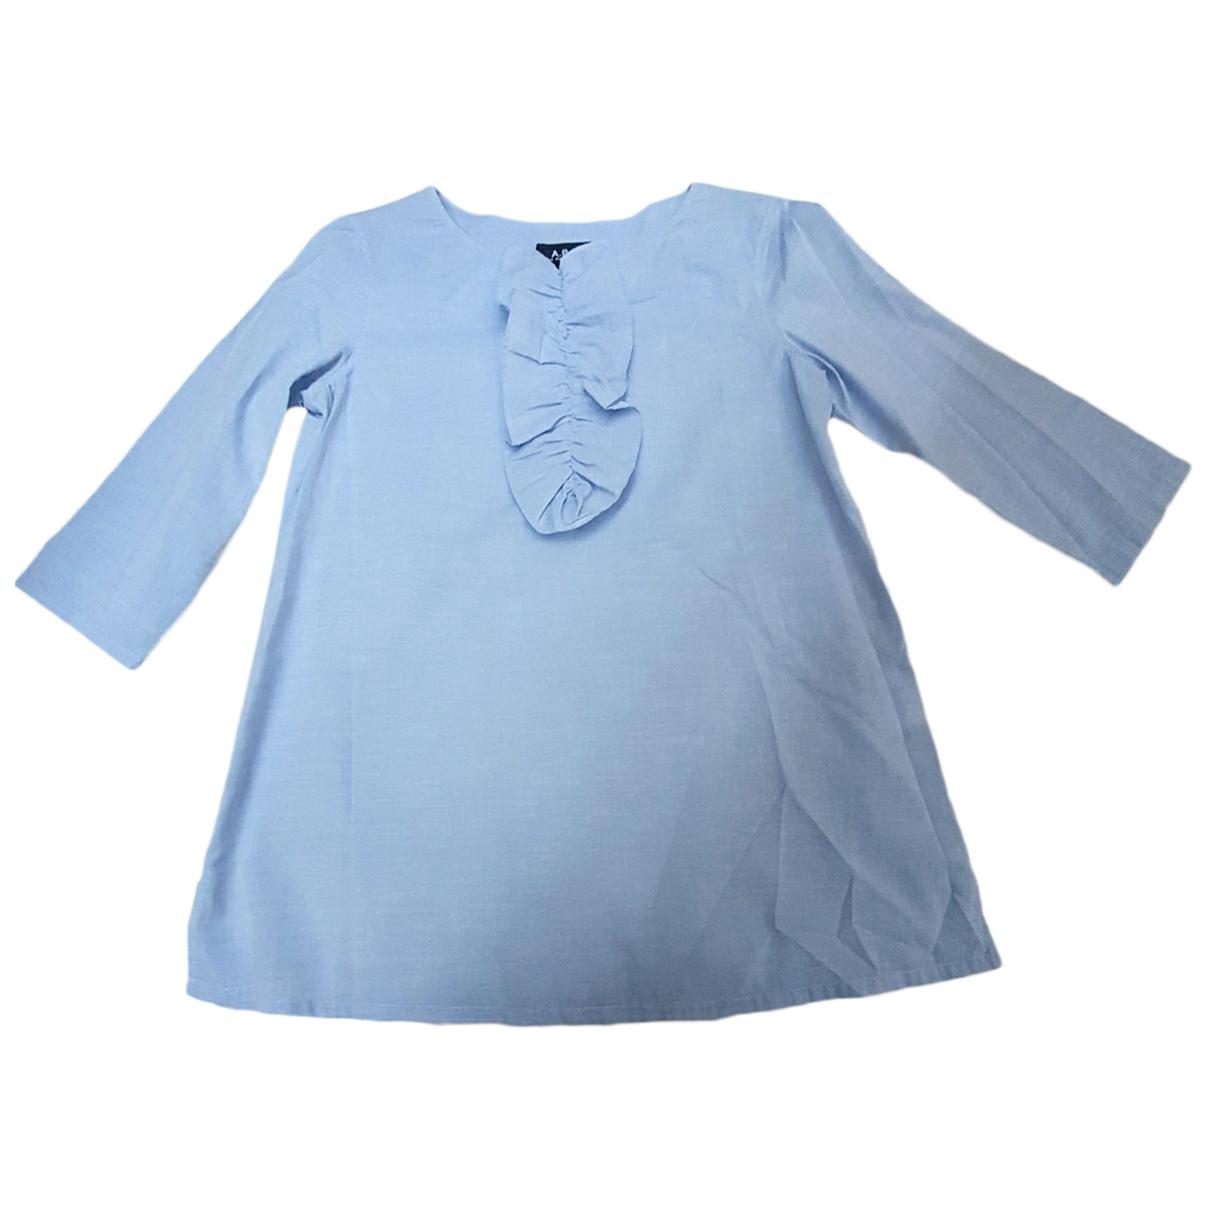 Apc \N Top in  Blau Baumwolle